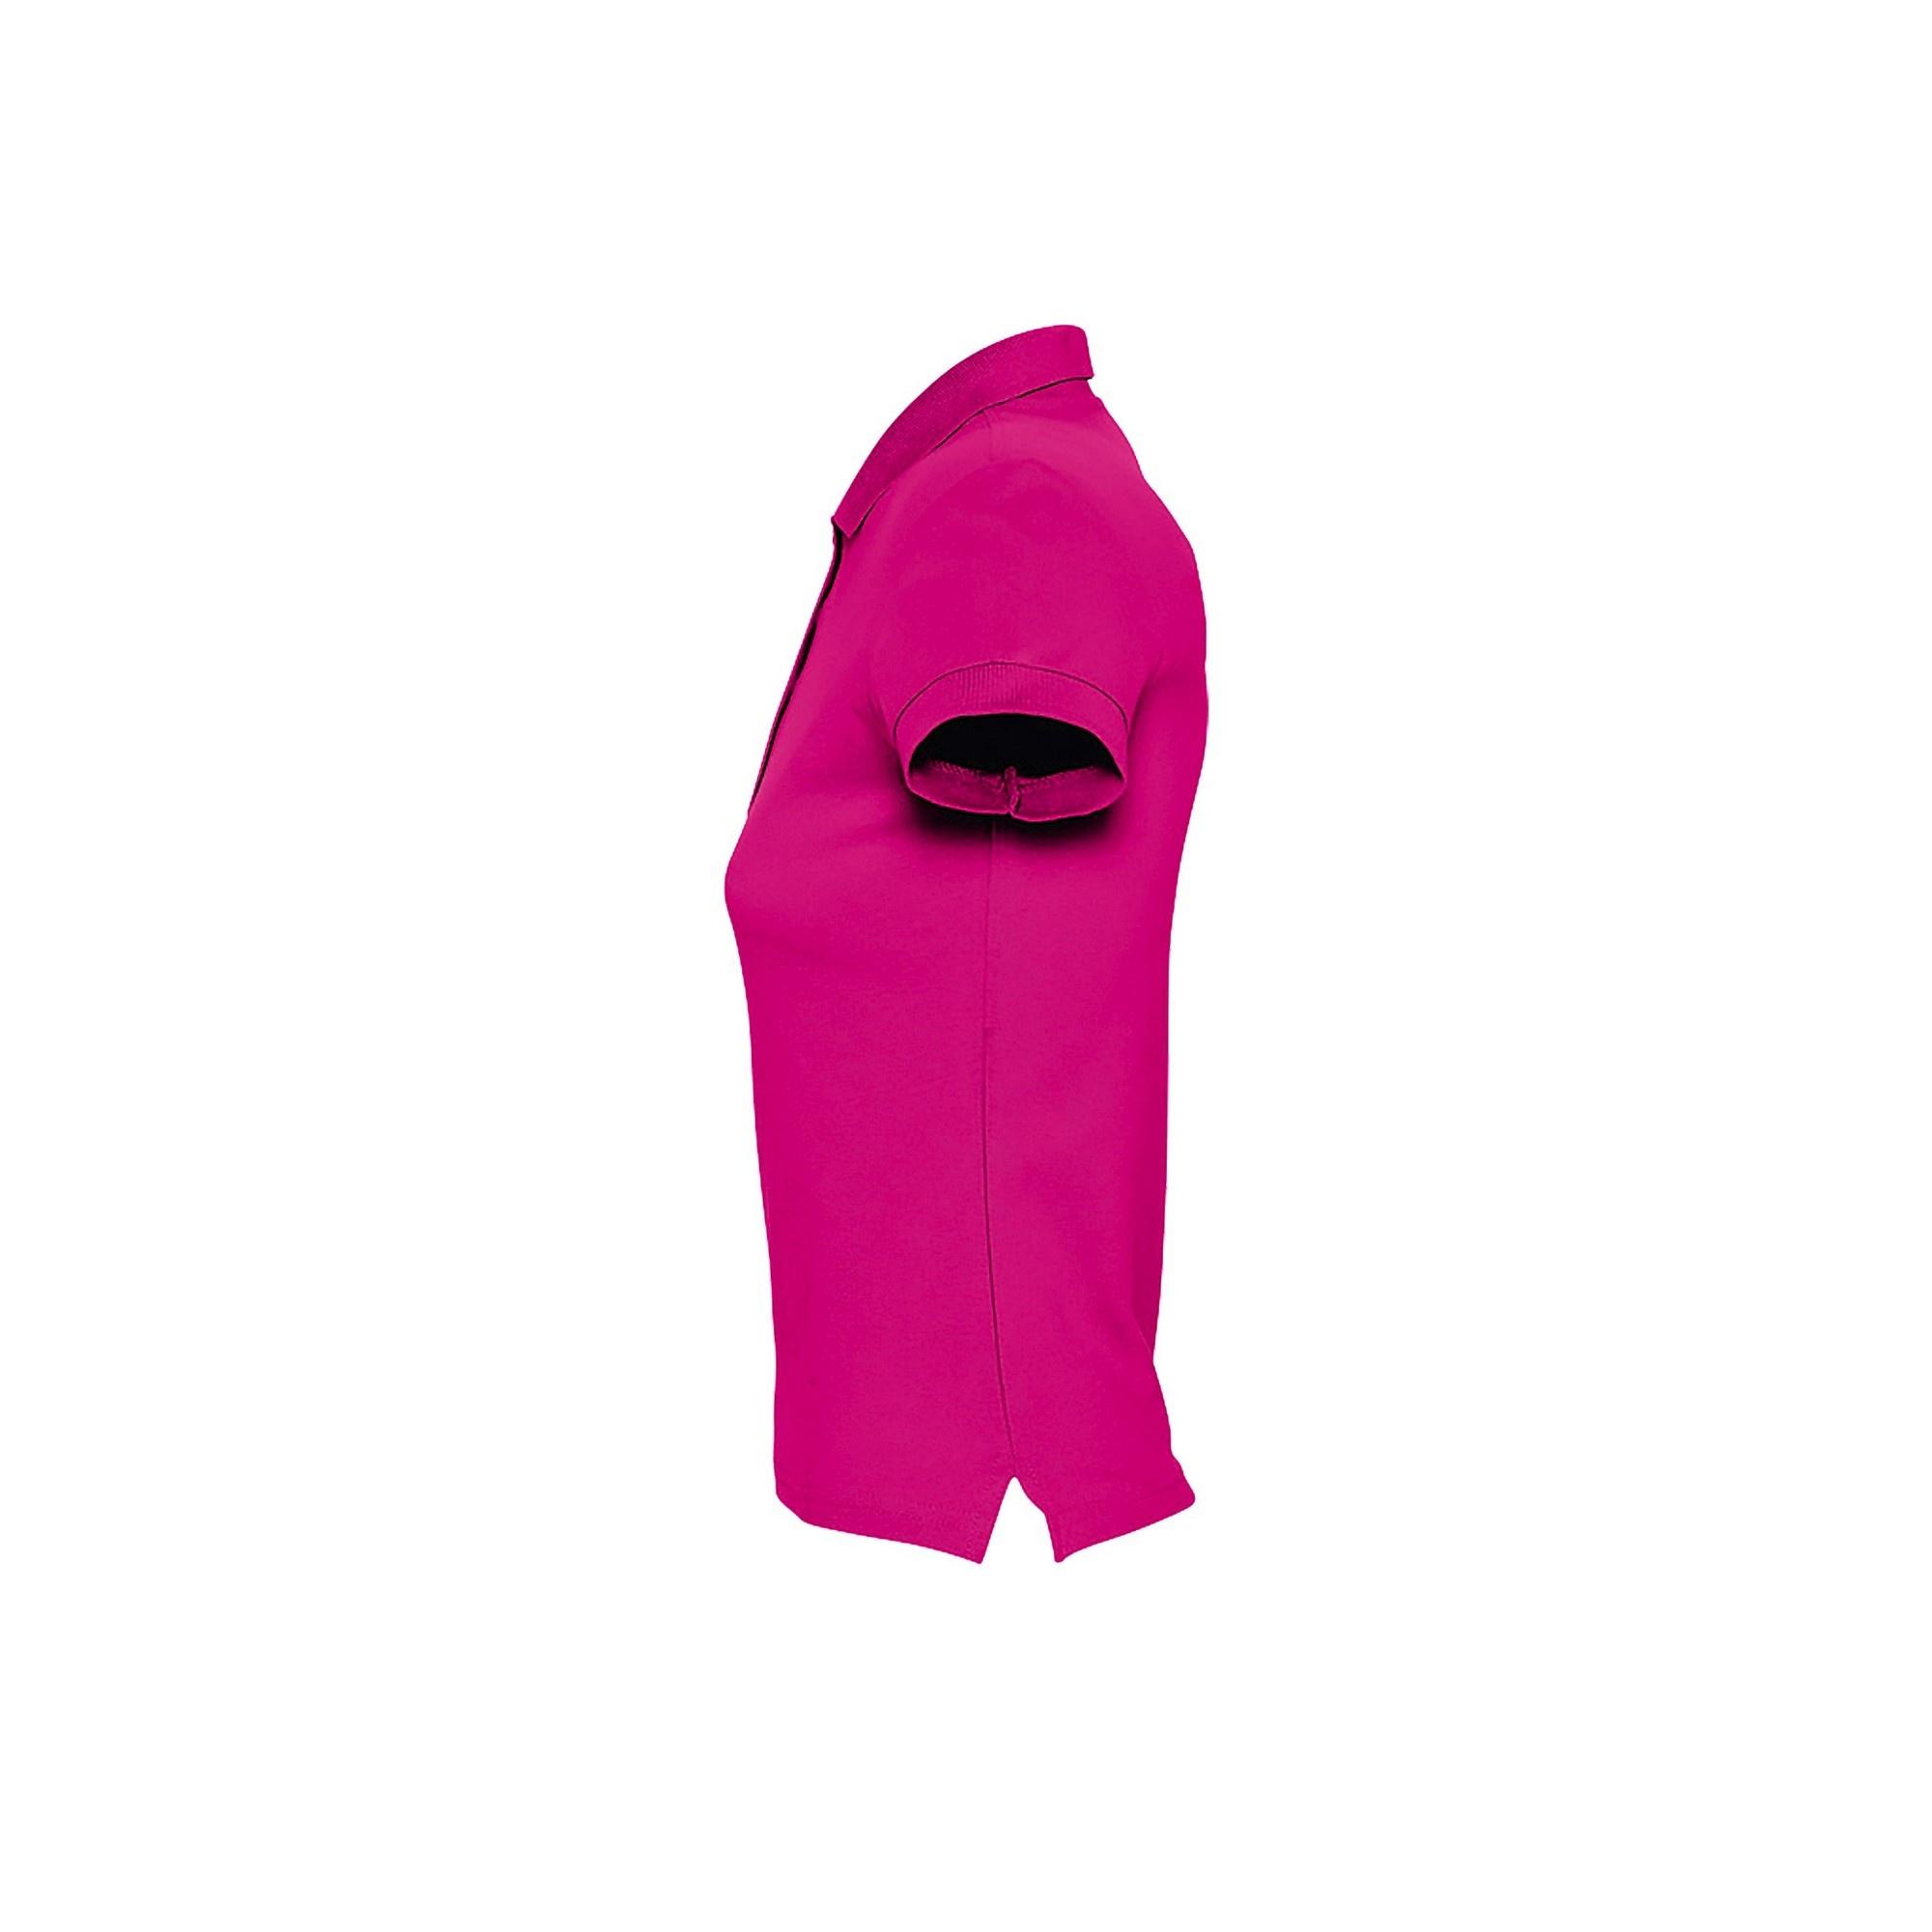 miniature 47 - SOLS Passion - Polo 100% coton à manches courtes - Femme (S-2XL) 16 (PC317)